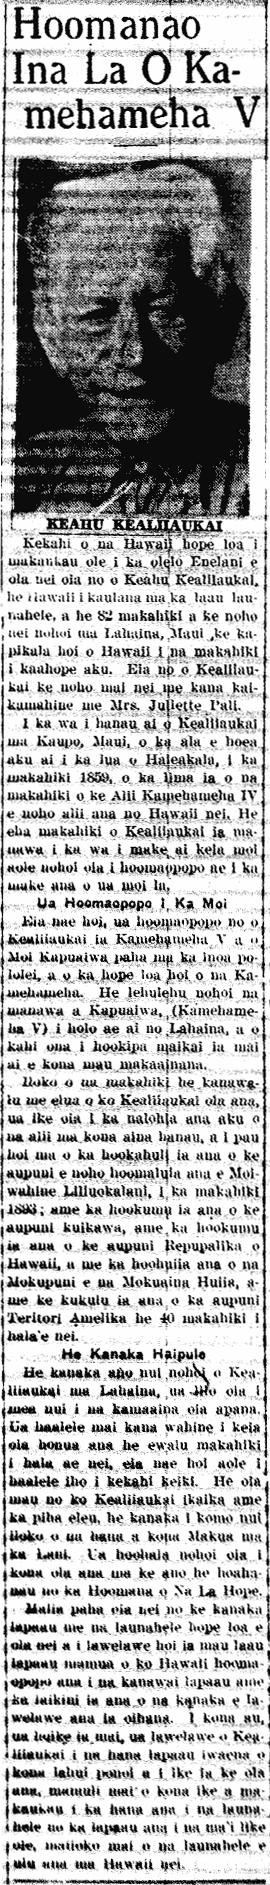 Hoomanao Ina La O Kamehameha V